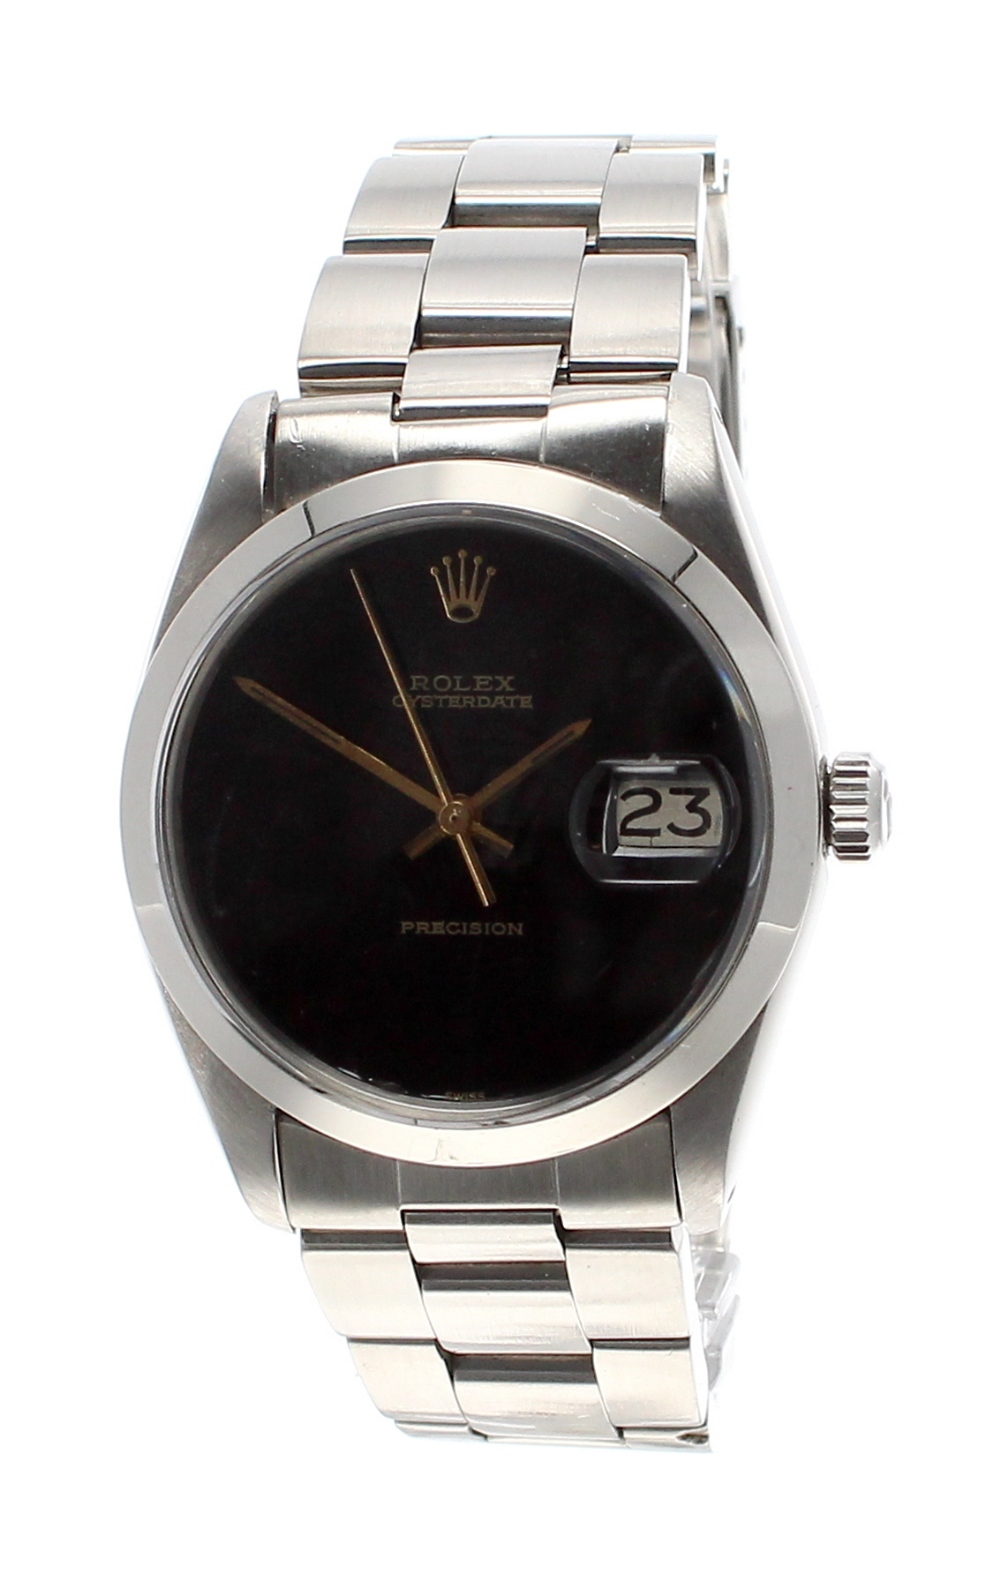 Lot 36 - Rolex Oysterdate Precision stainless steel gentleman's bracelet watch, ref. 6694. ser. no.